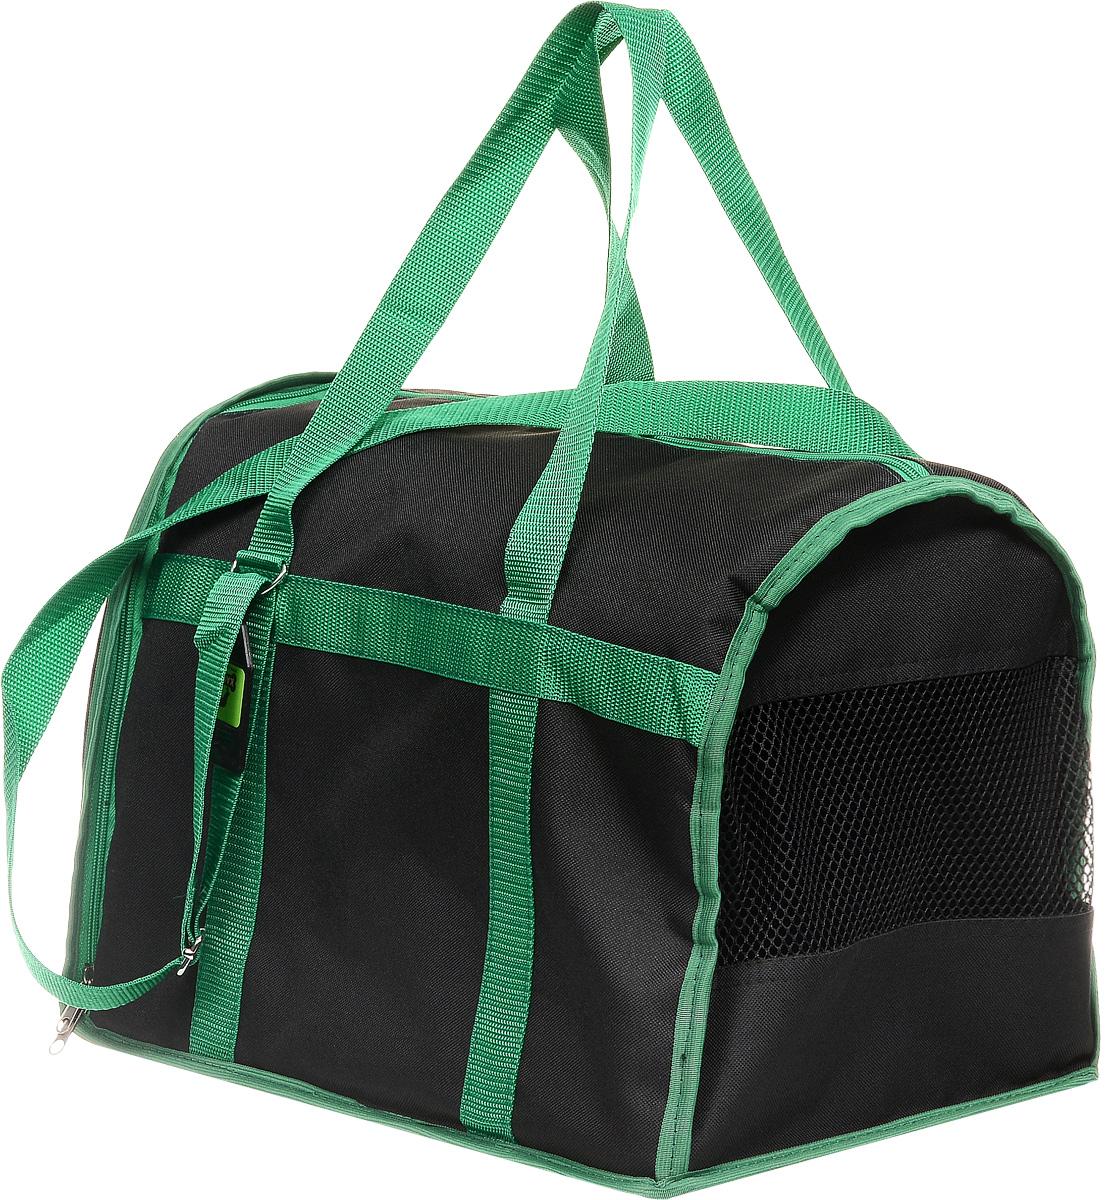 Сумка-переноска для животных Каскад Спорт, цвет: черный, зеленый, 40 х 28 х 29 смSC-FD421005Текстильная сумка-переноска Каскад Спорт для собакмелких пород и кошек имеет твердое основание, которое непозволит животному провисать. С одной стороны переноскиимеется специальная сетчатая вставка, чтобы ваш любимец могдышать. С другой стороны сумка закрывается на застежку-молнию. В верхней части изделия есть застежка-молния, открывающая доступ в отделение для необходимых вам вещей.Для удобной переноски у сумки имеются две ручки ирегулируемая лямка.При необходимости сумку можно сложить. Сумка-переноска Каскад Спорт понравится вашимдомашним любимцам.